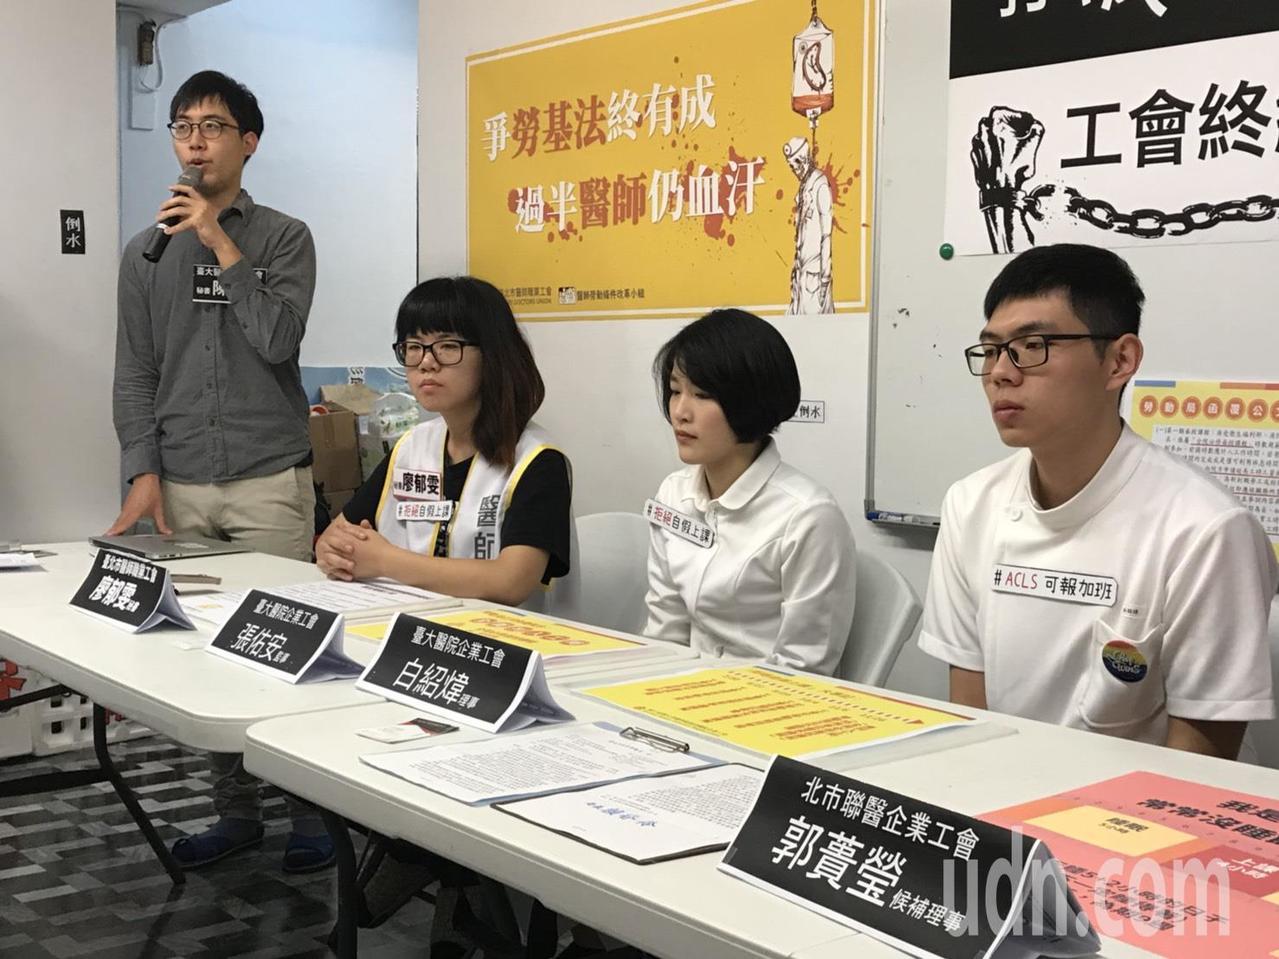 終結自假上課。台大醫院企業工會今日上午舉行記者會,並出示台北市勞動局「打臉」台大...